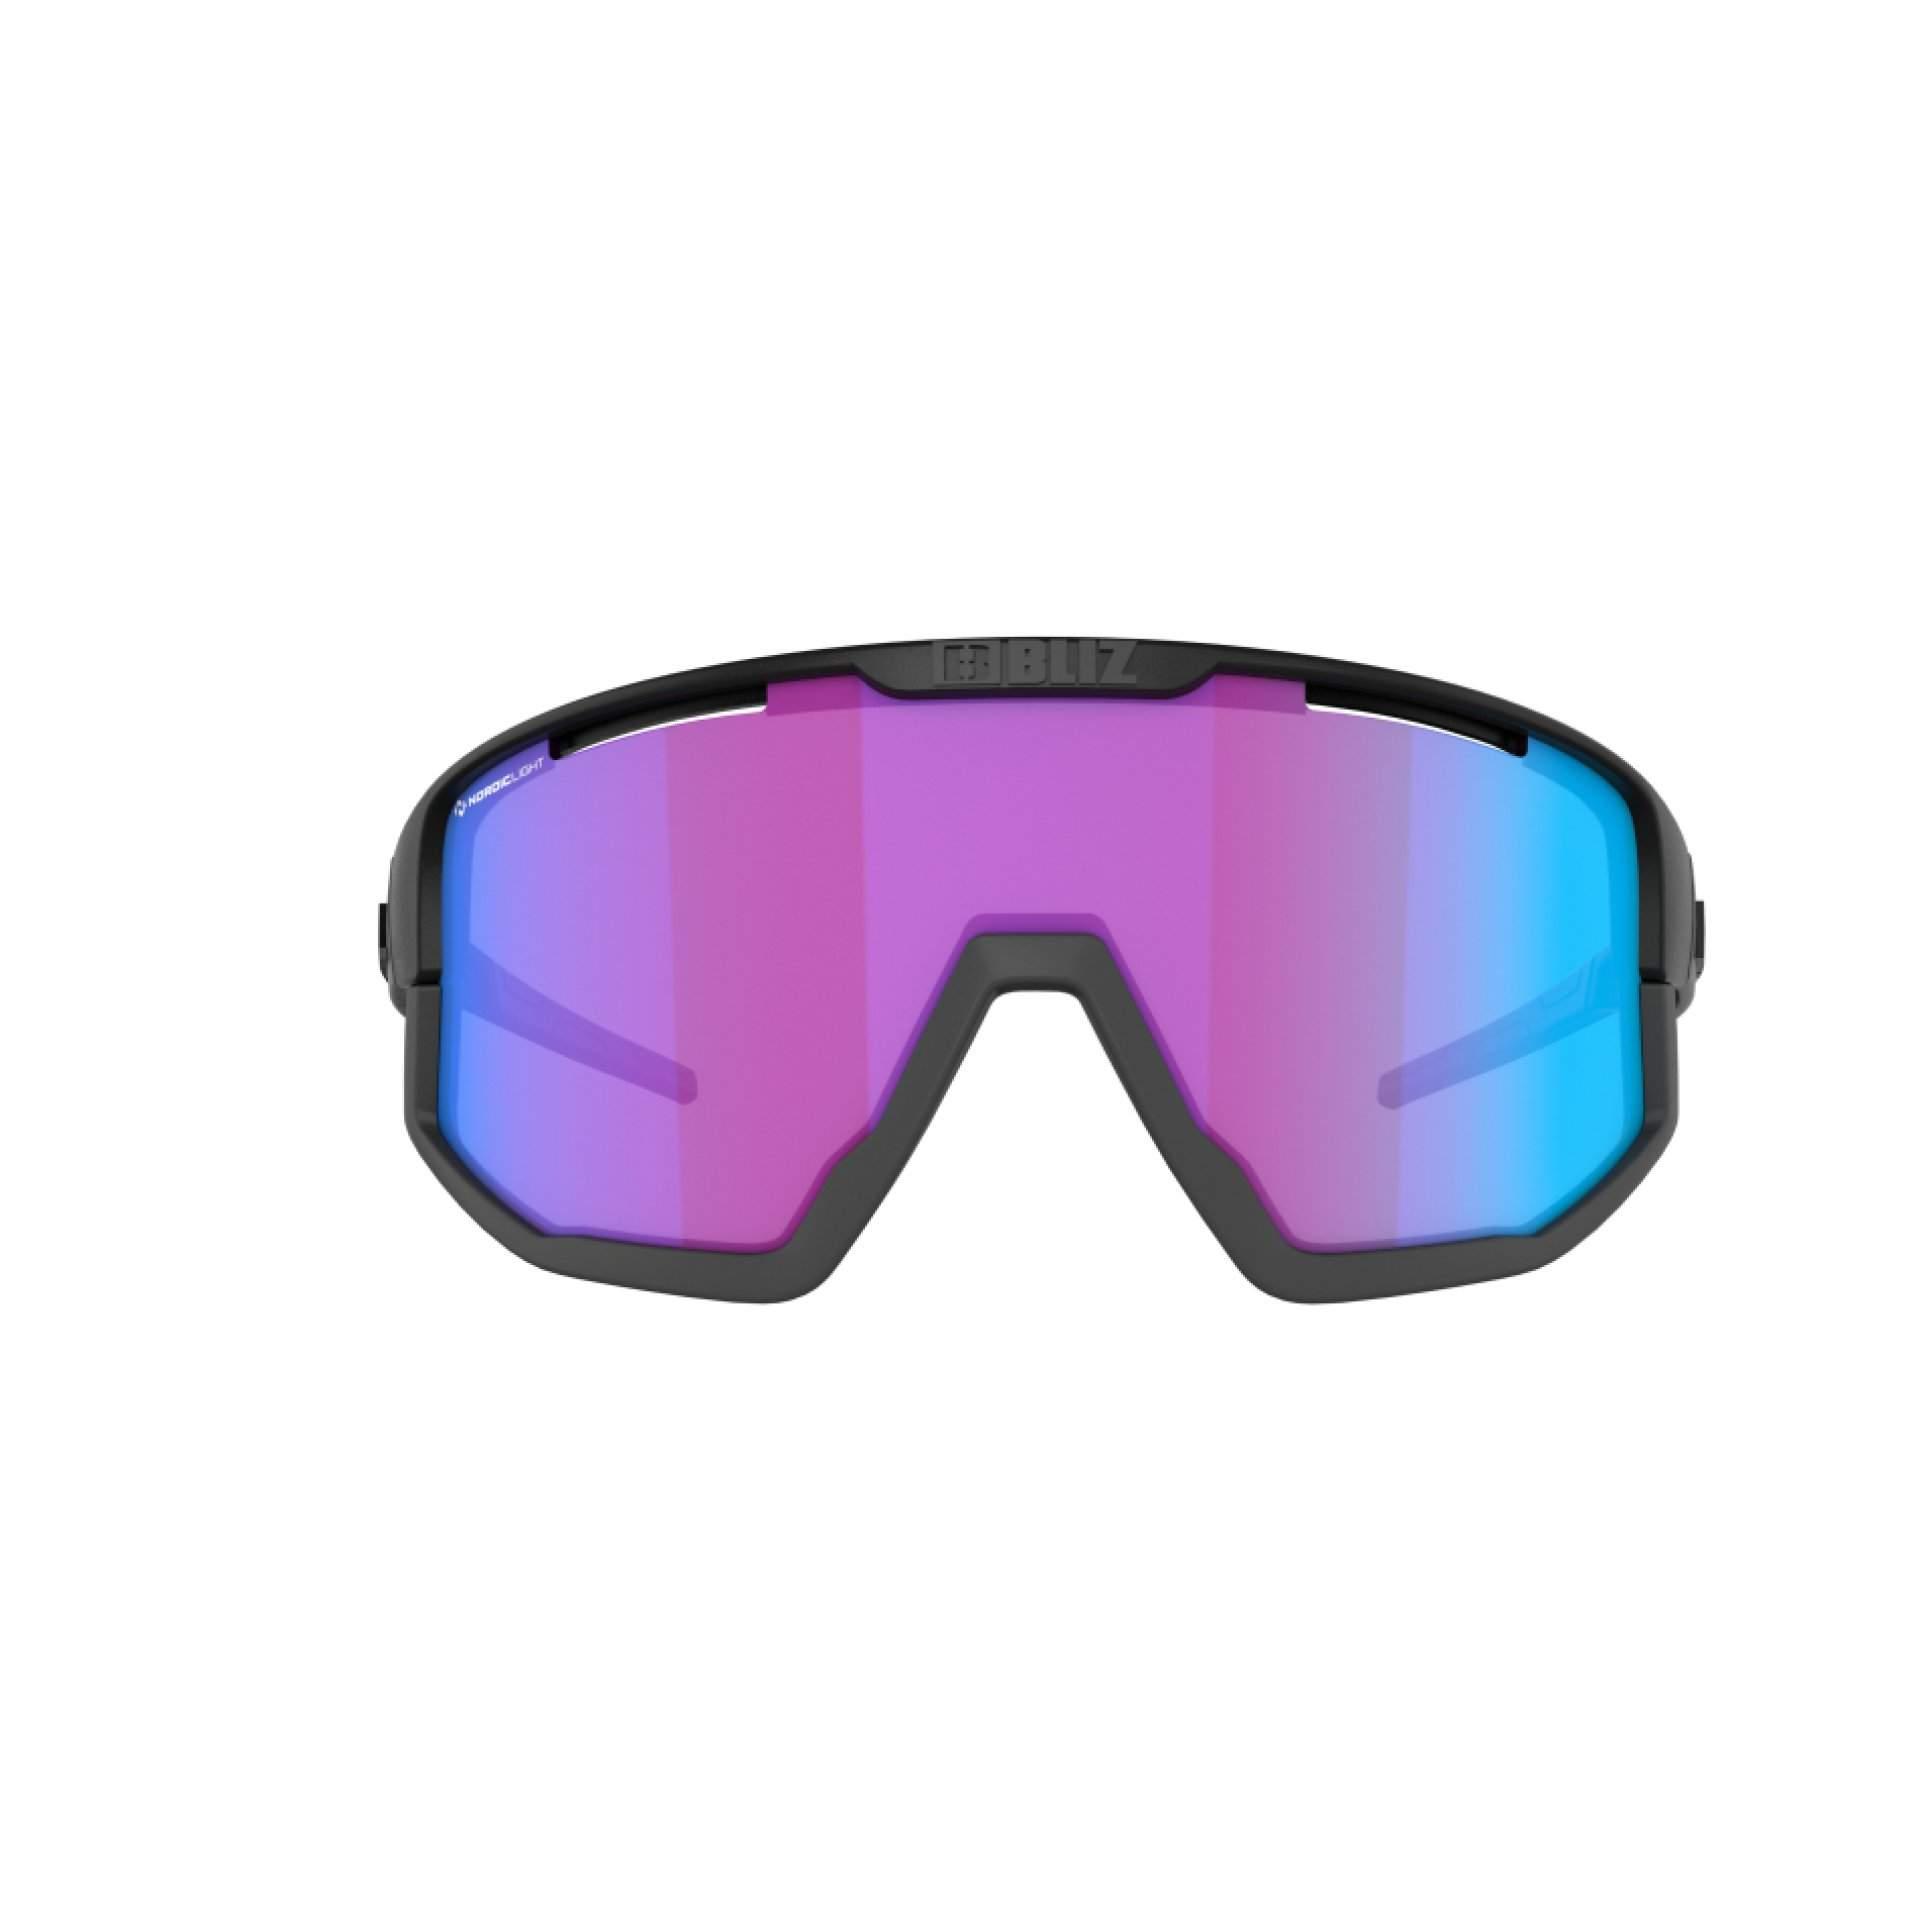 OKULARY BLIZ VISION NANO MATT BLACK NORDIC LIGHT BEGONIA 52101 14N Z PRZODU